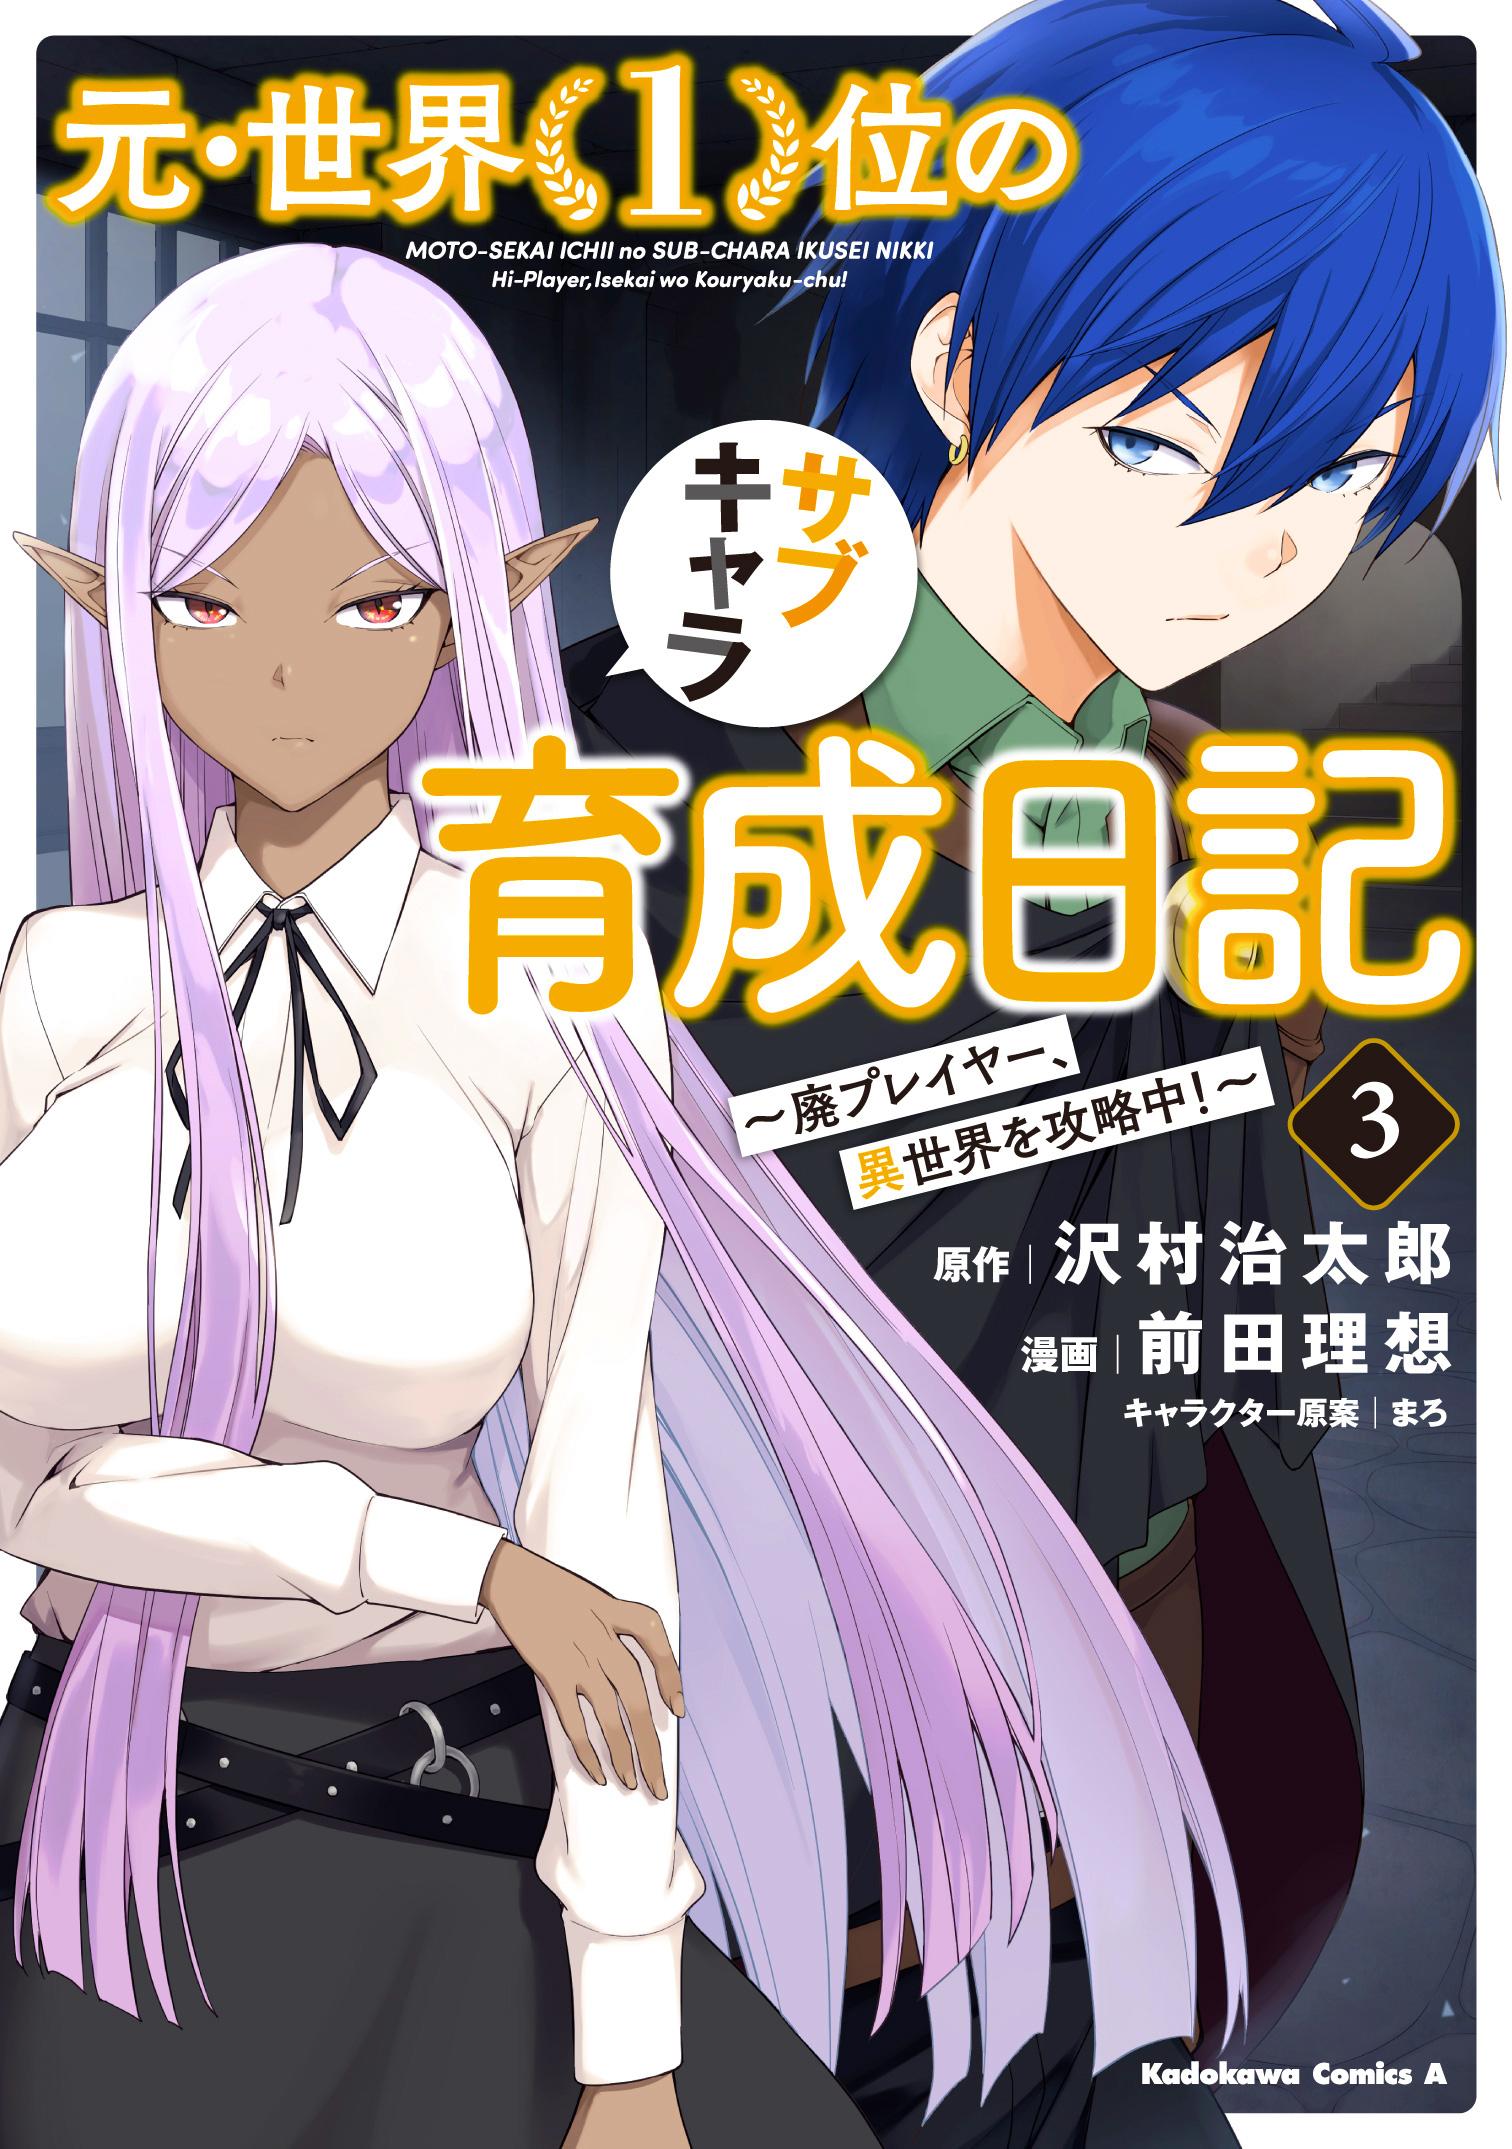 元・世界1位のサブキャラ育成日記 〜廃プレイヤー、異世界を攻略中!〜 (3)